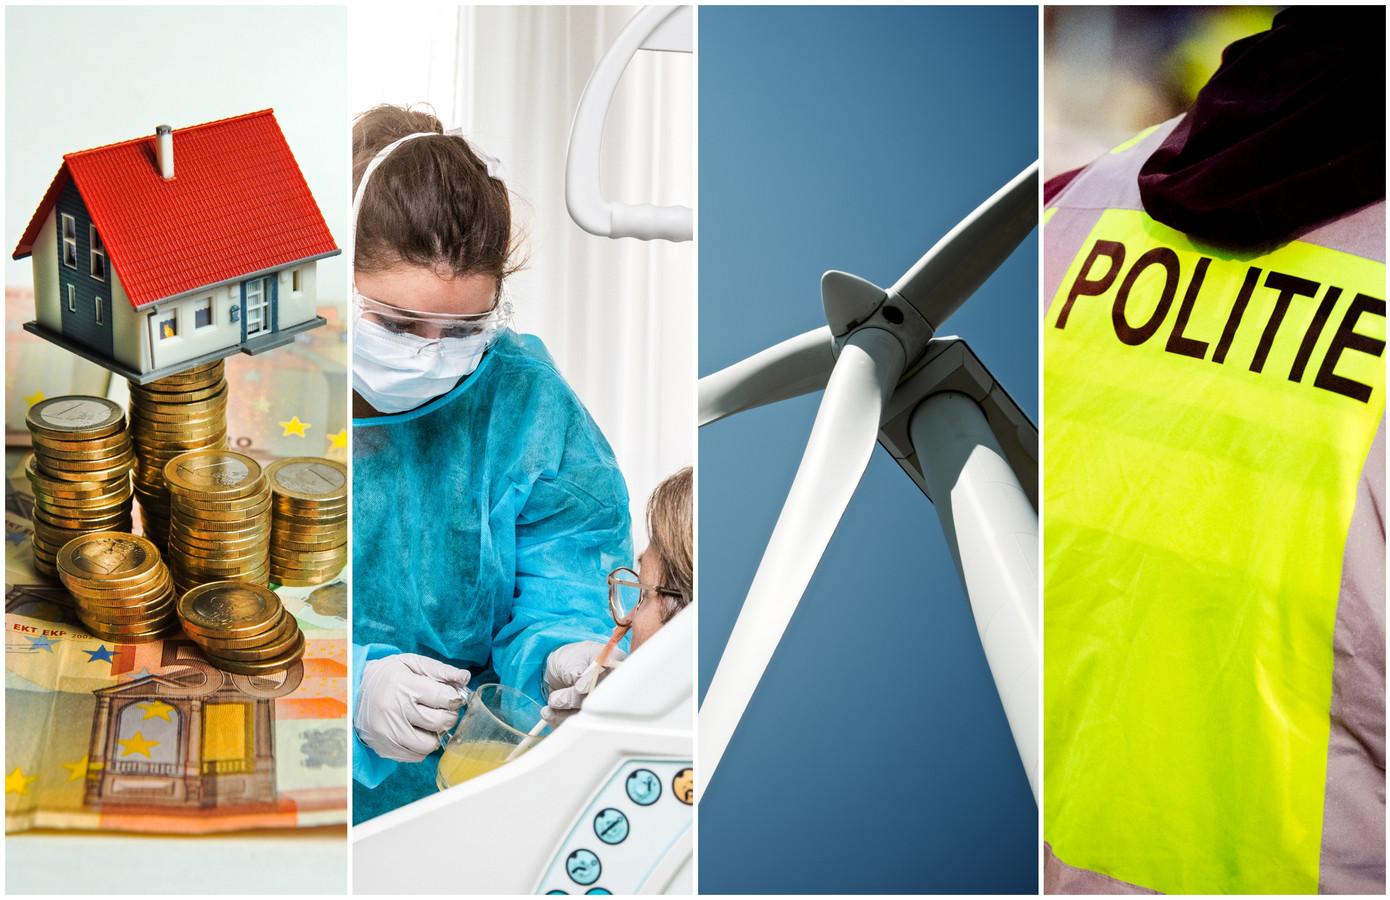 Economie, zorg, duurzaamheid en veiligheid: waar wil jij meer over weten?